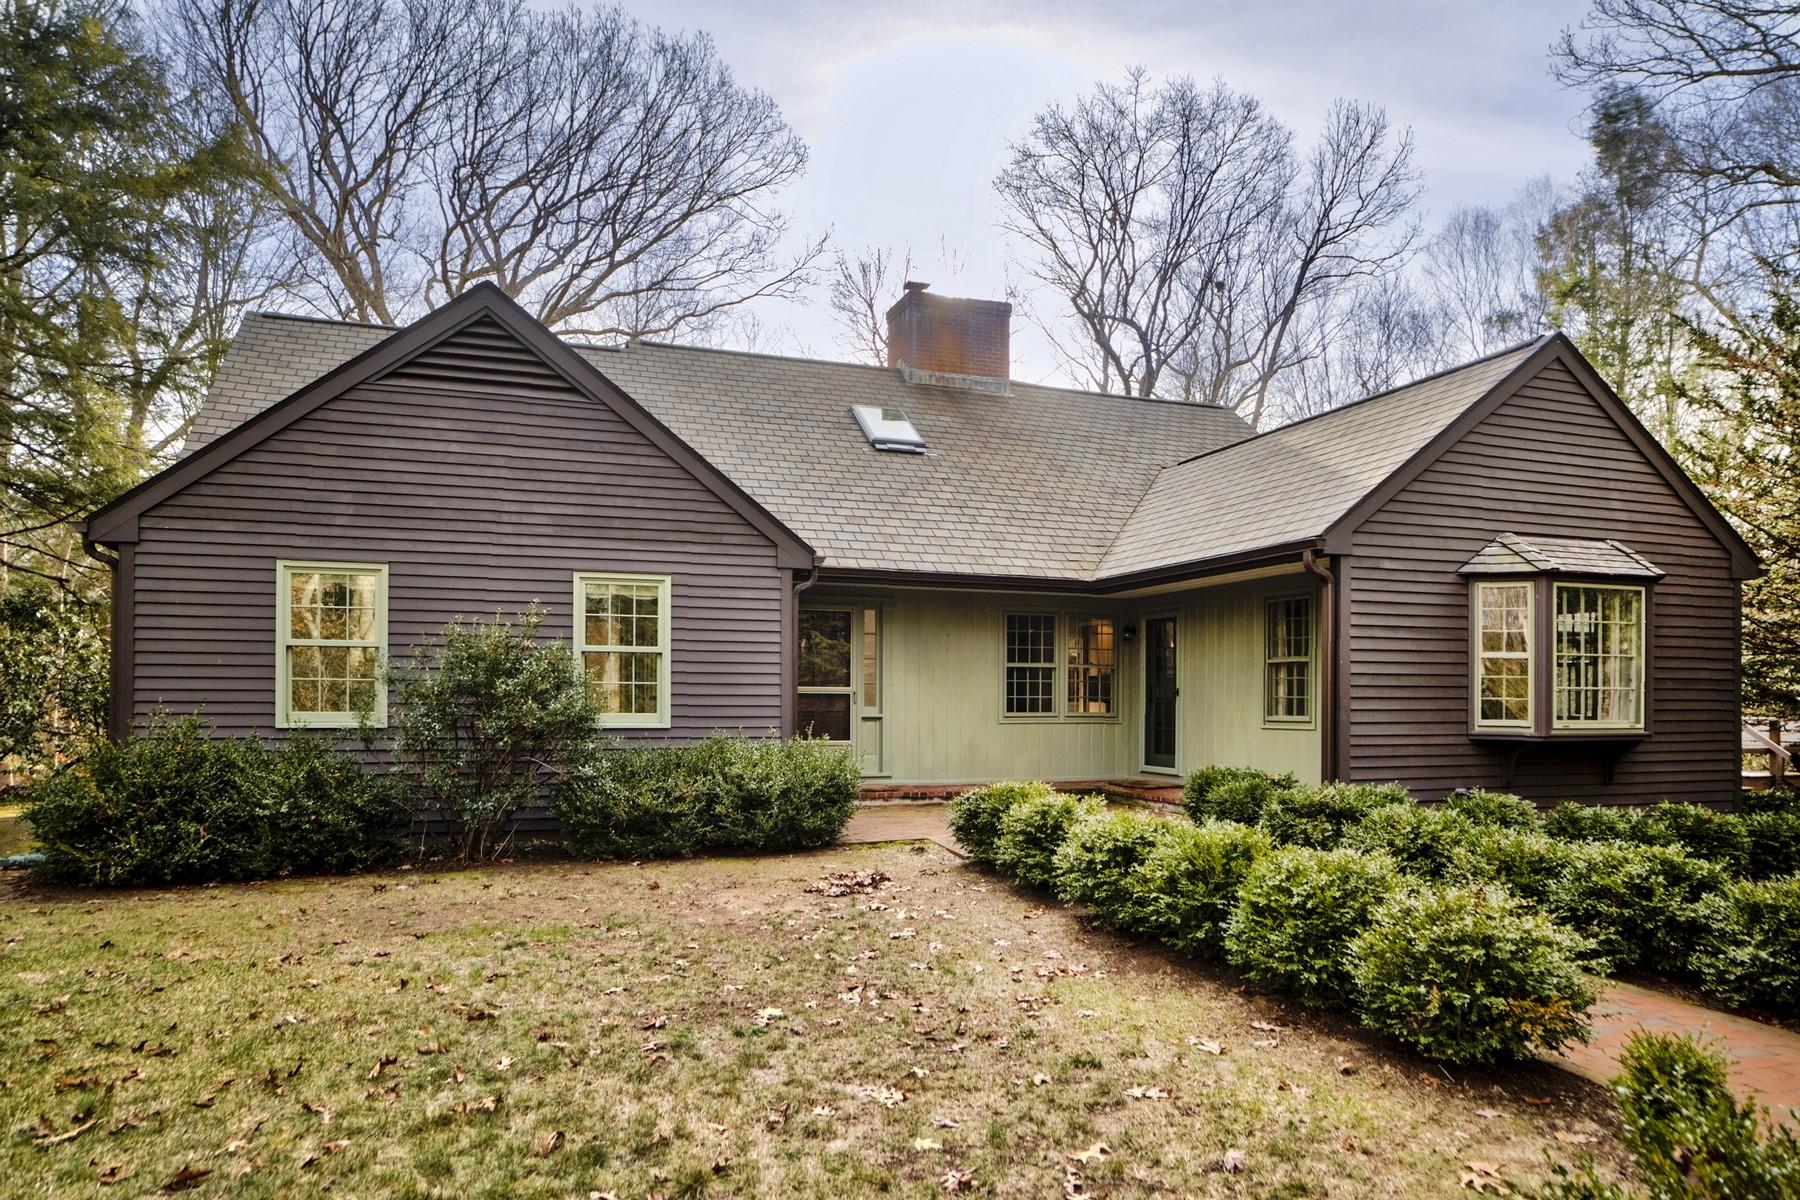 Maison unifamiliale pour l Vente à Classic Otter Cove Pond-Side Cape 20 Watrous Point Rd Old Saybrook, Connecticut, 06475 États-Unis